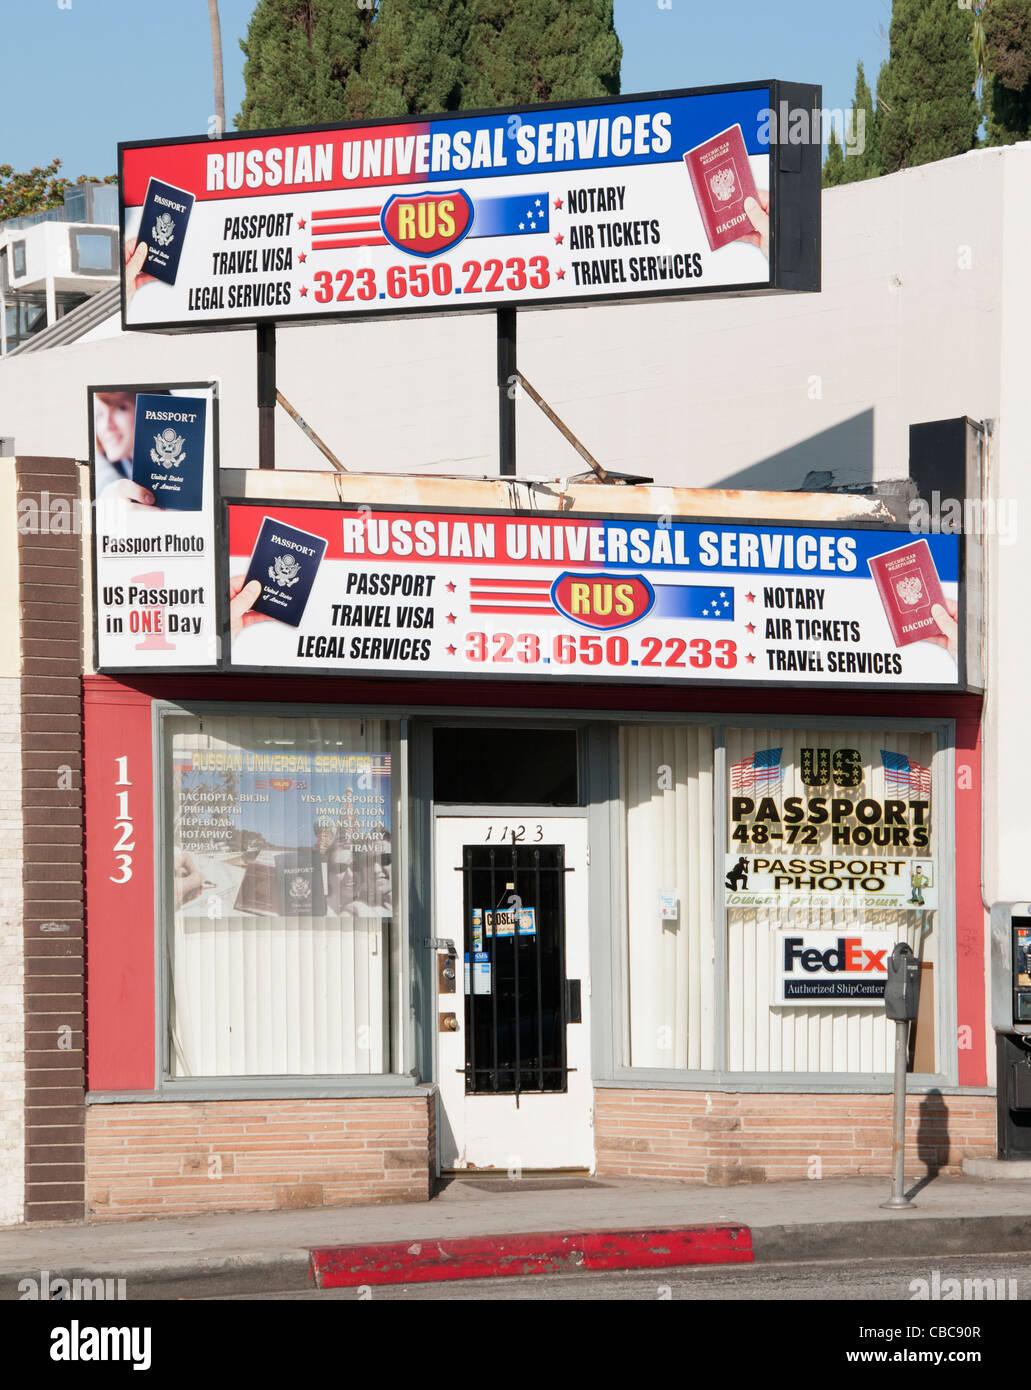 Russische Universaldienste Reisepass Reisen Visum rechtliche West Hollywood Kalifornien USA Los Angeles Stockbild